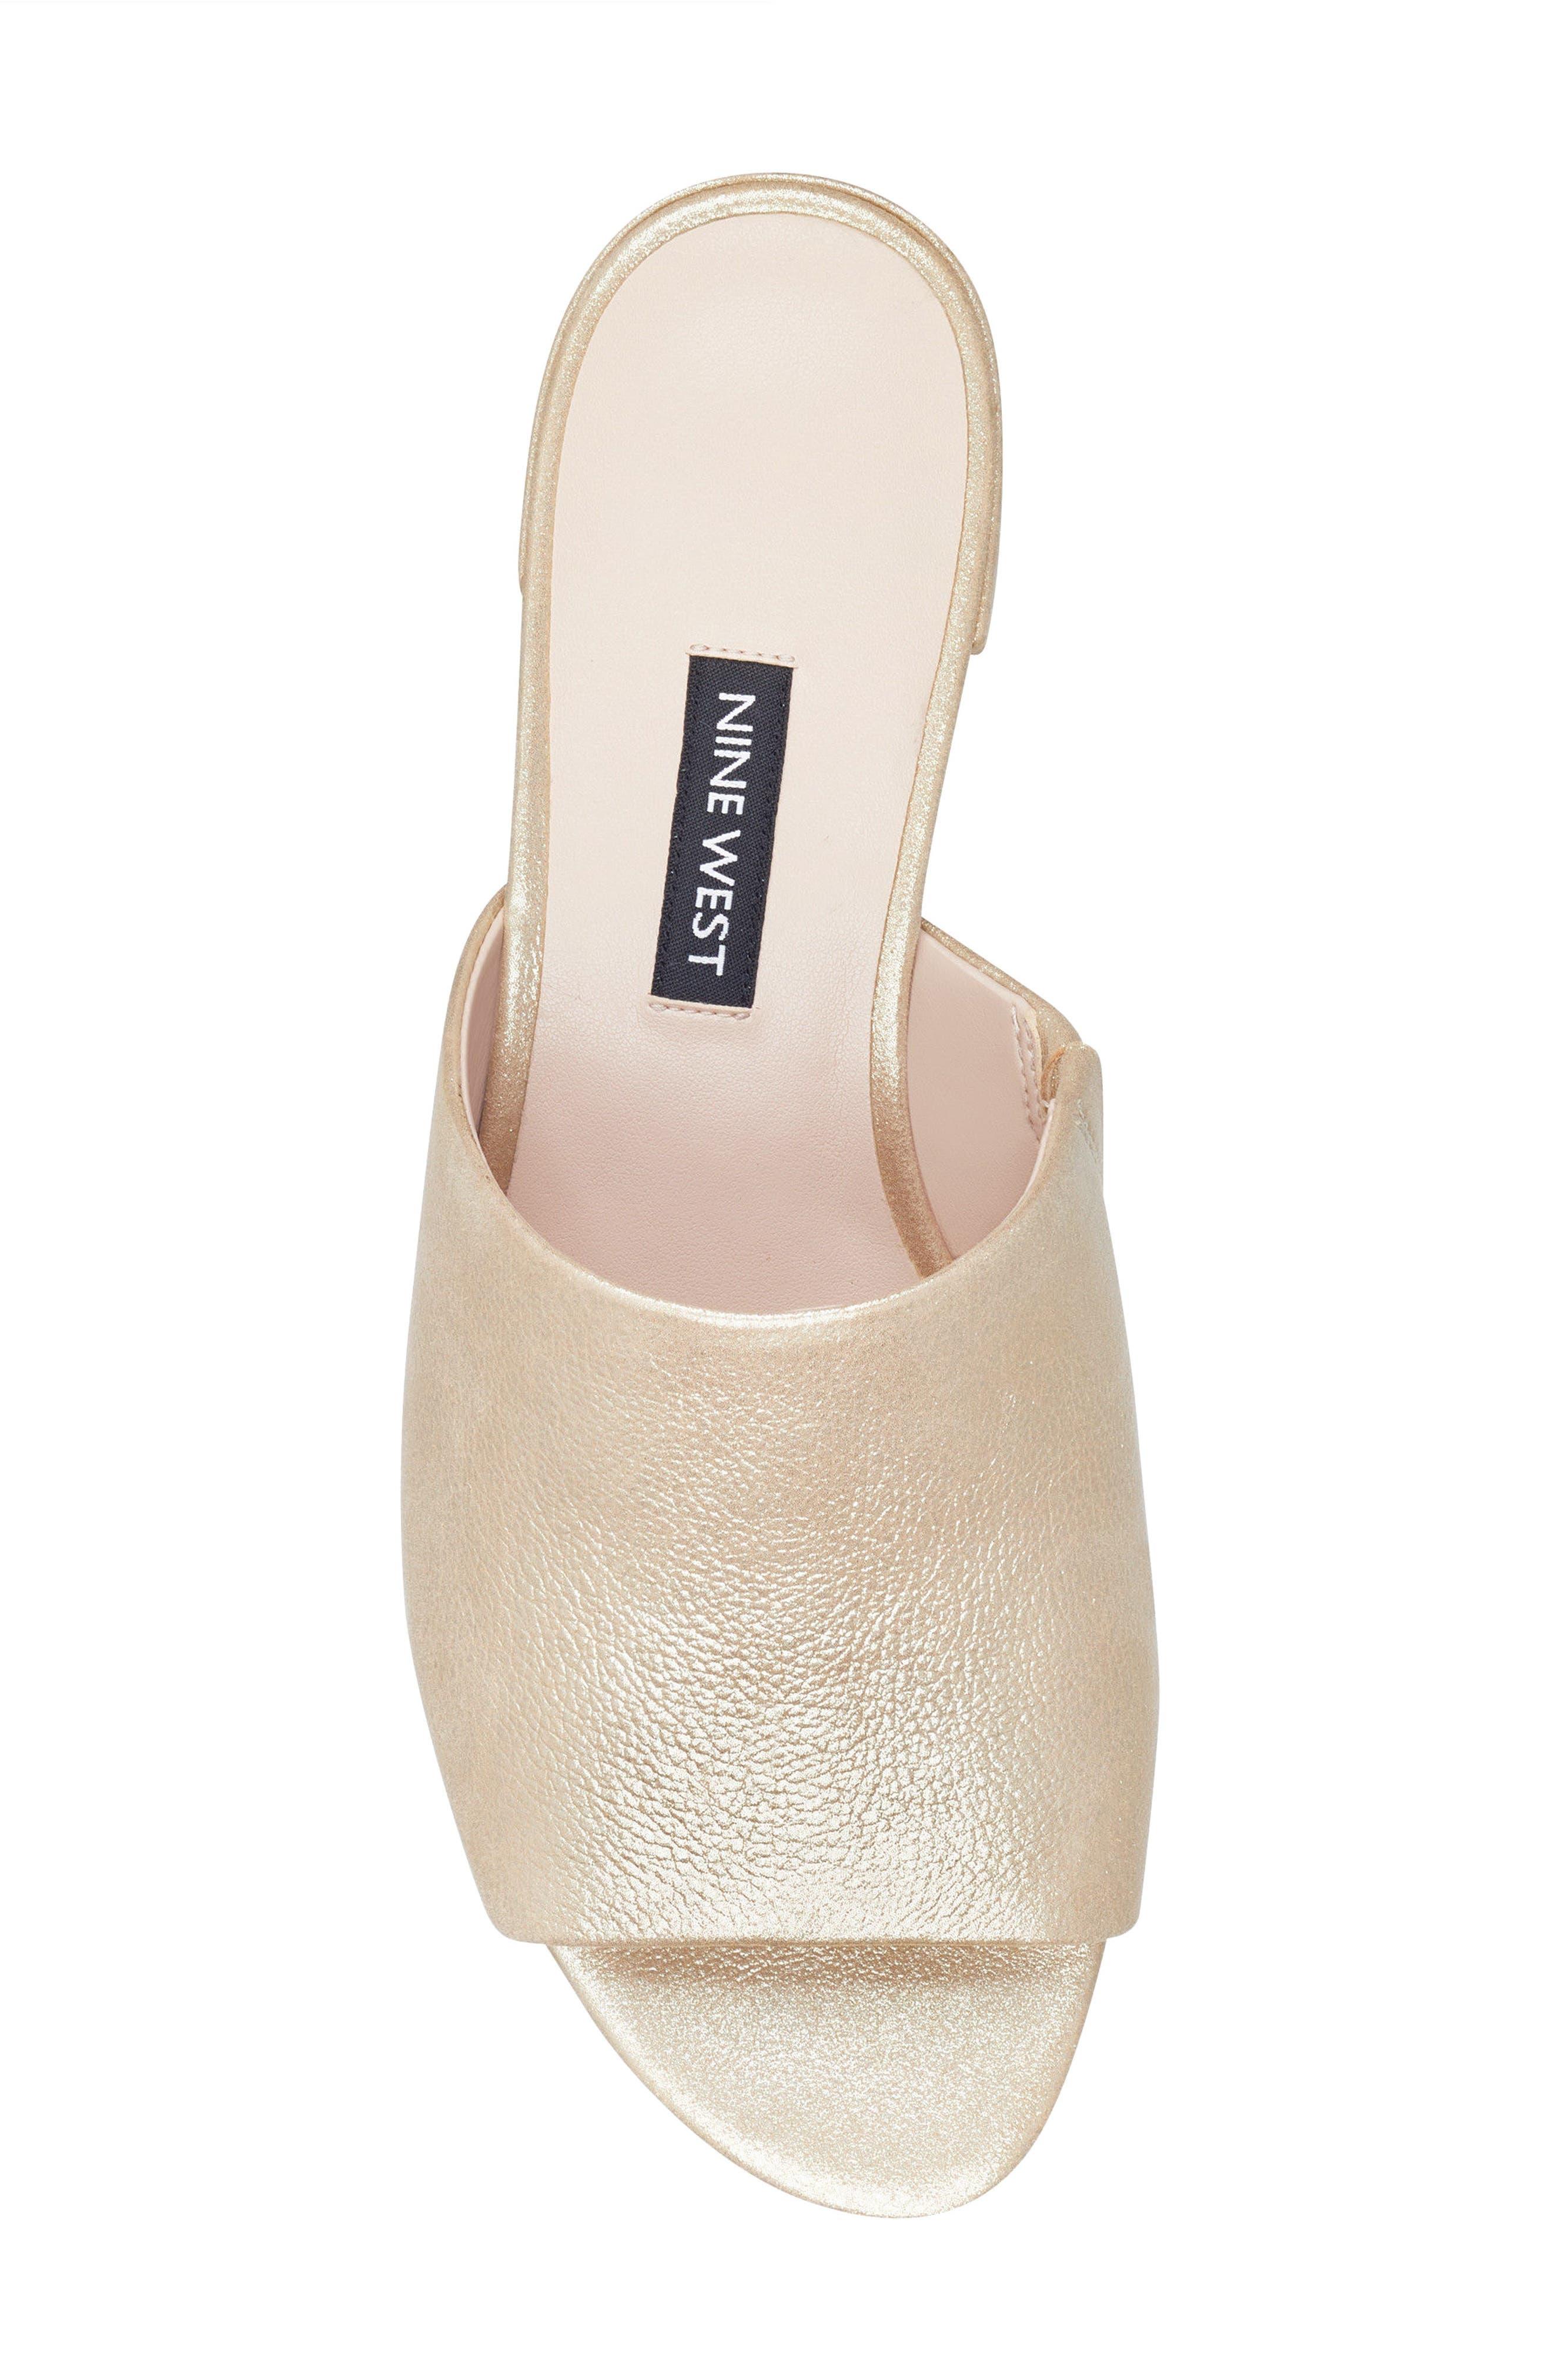 Raissa Slide Sandal,                             Alternate thumbnail 5, color,                             Light Gold Leather